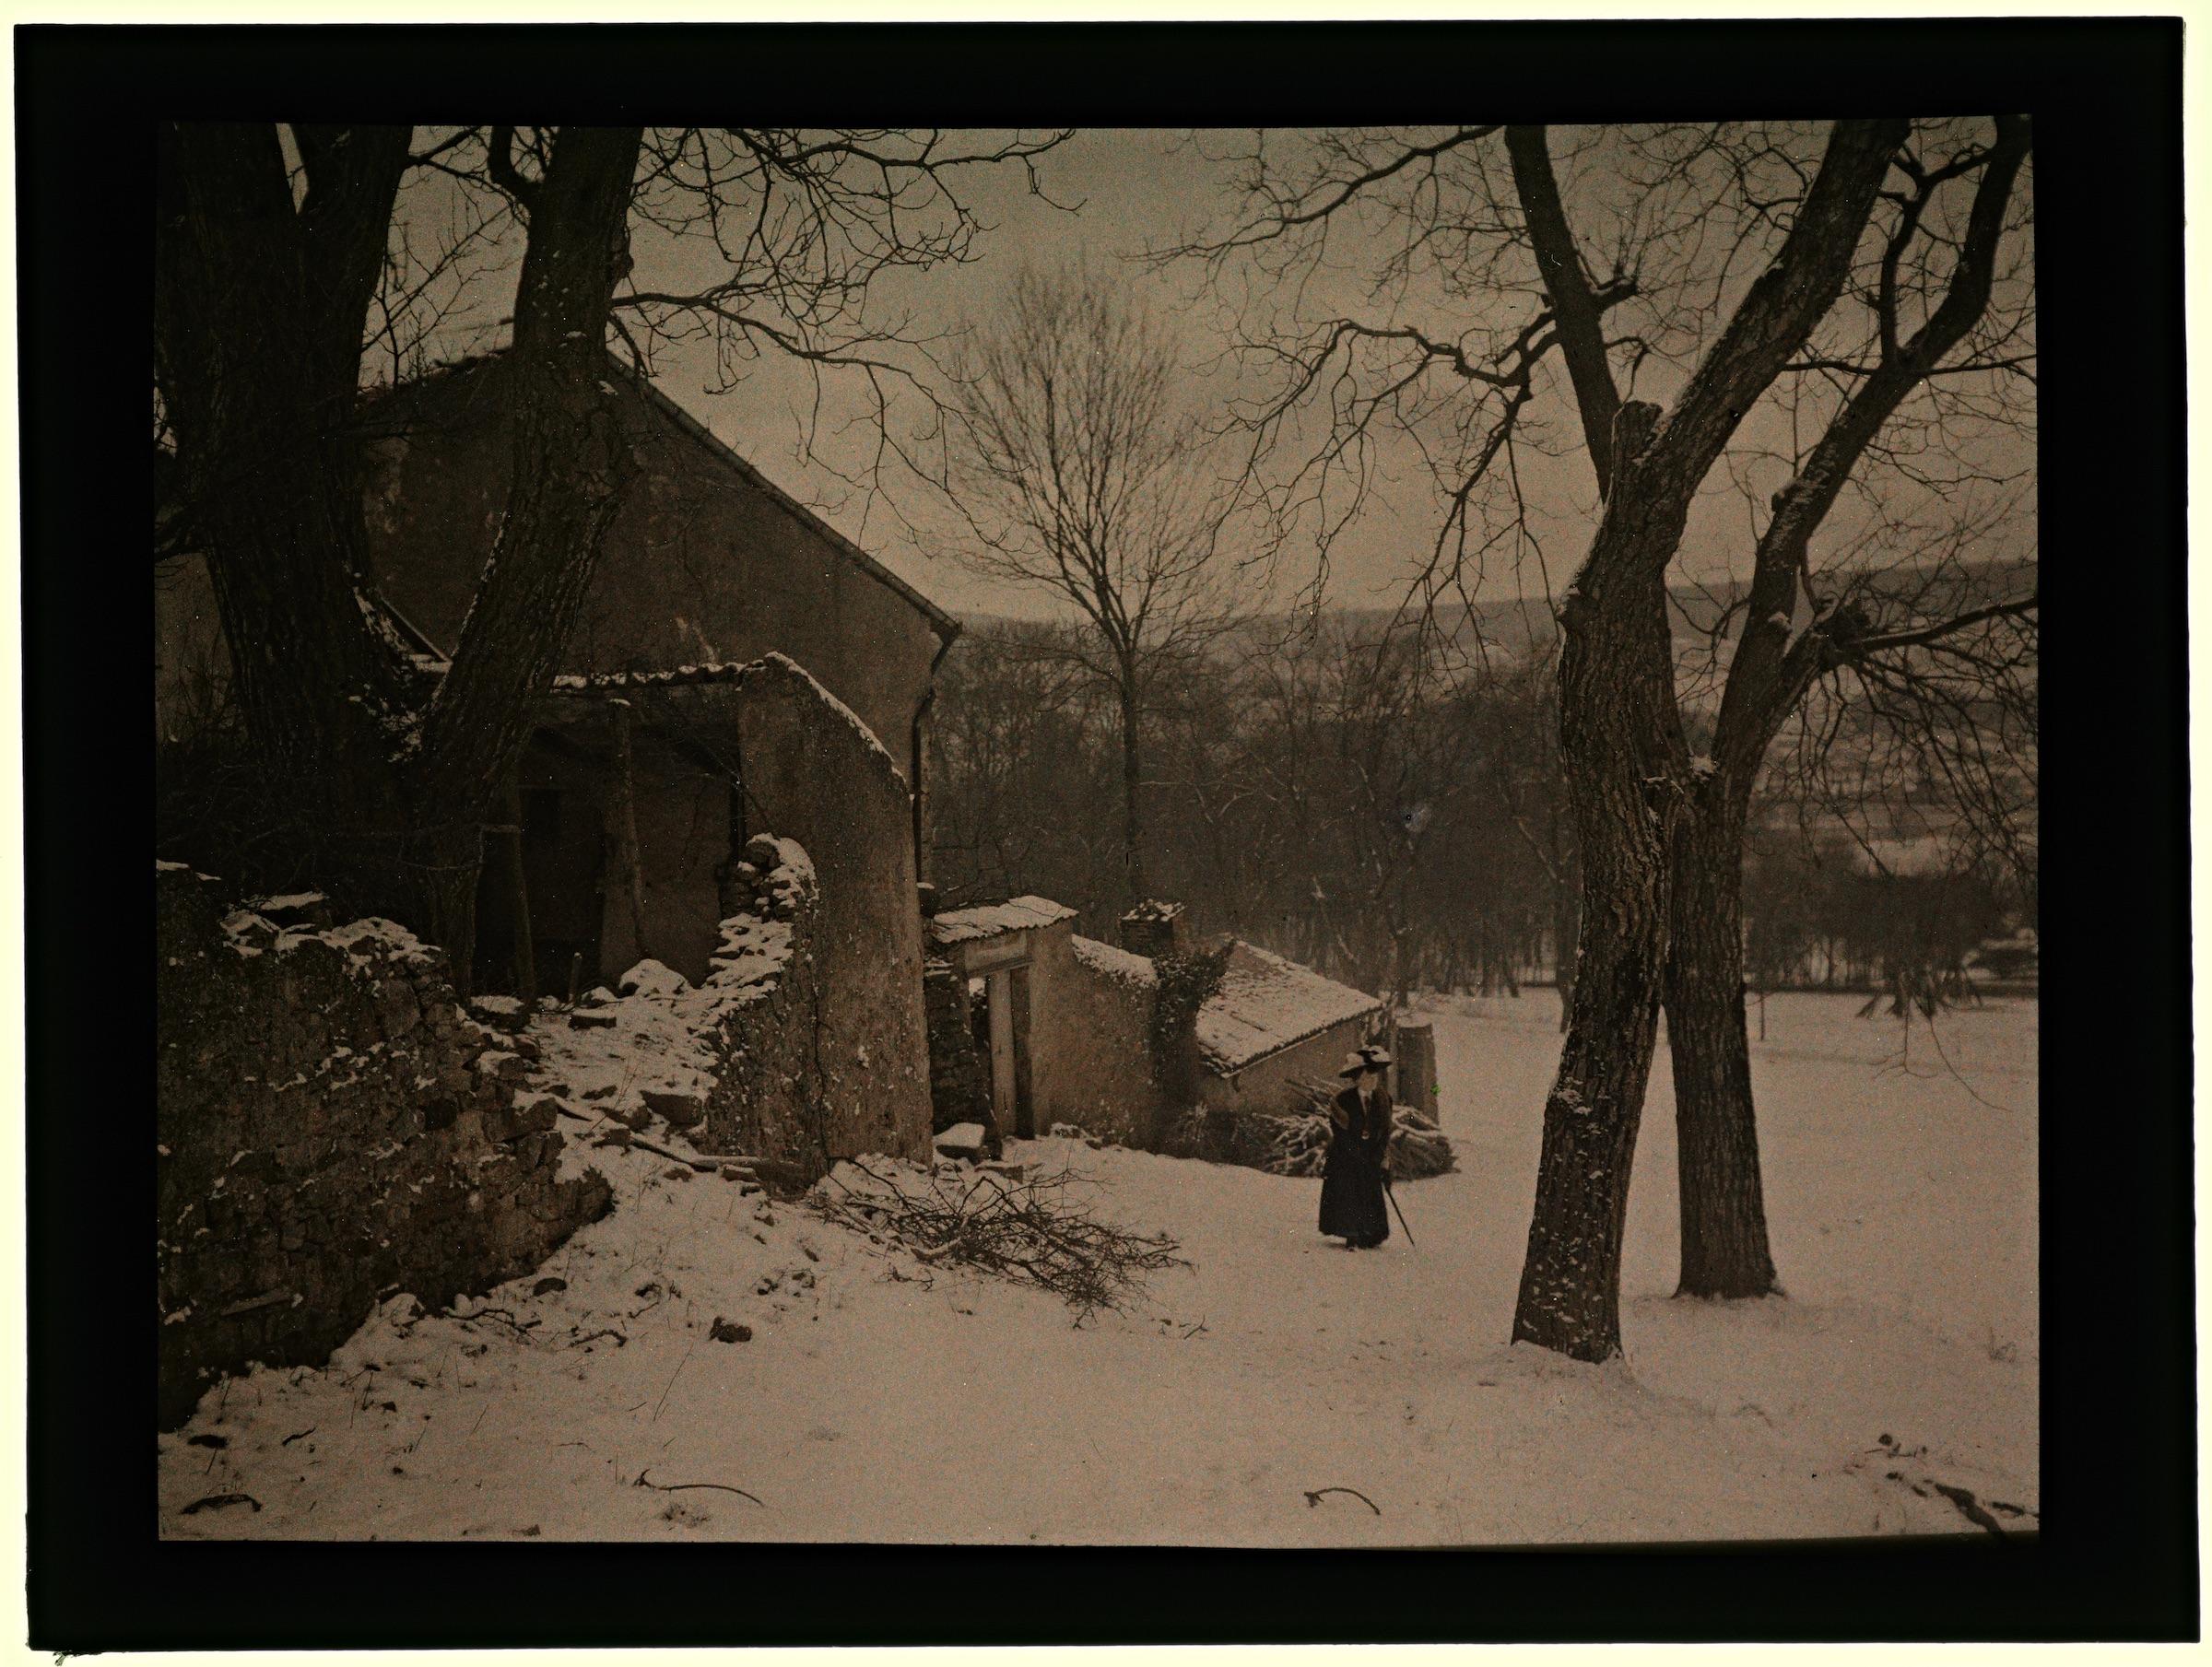 Ferme à Pixérécourt enneigé